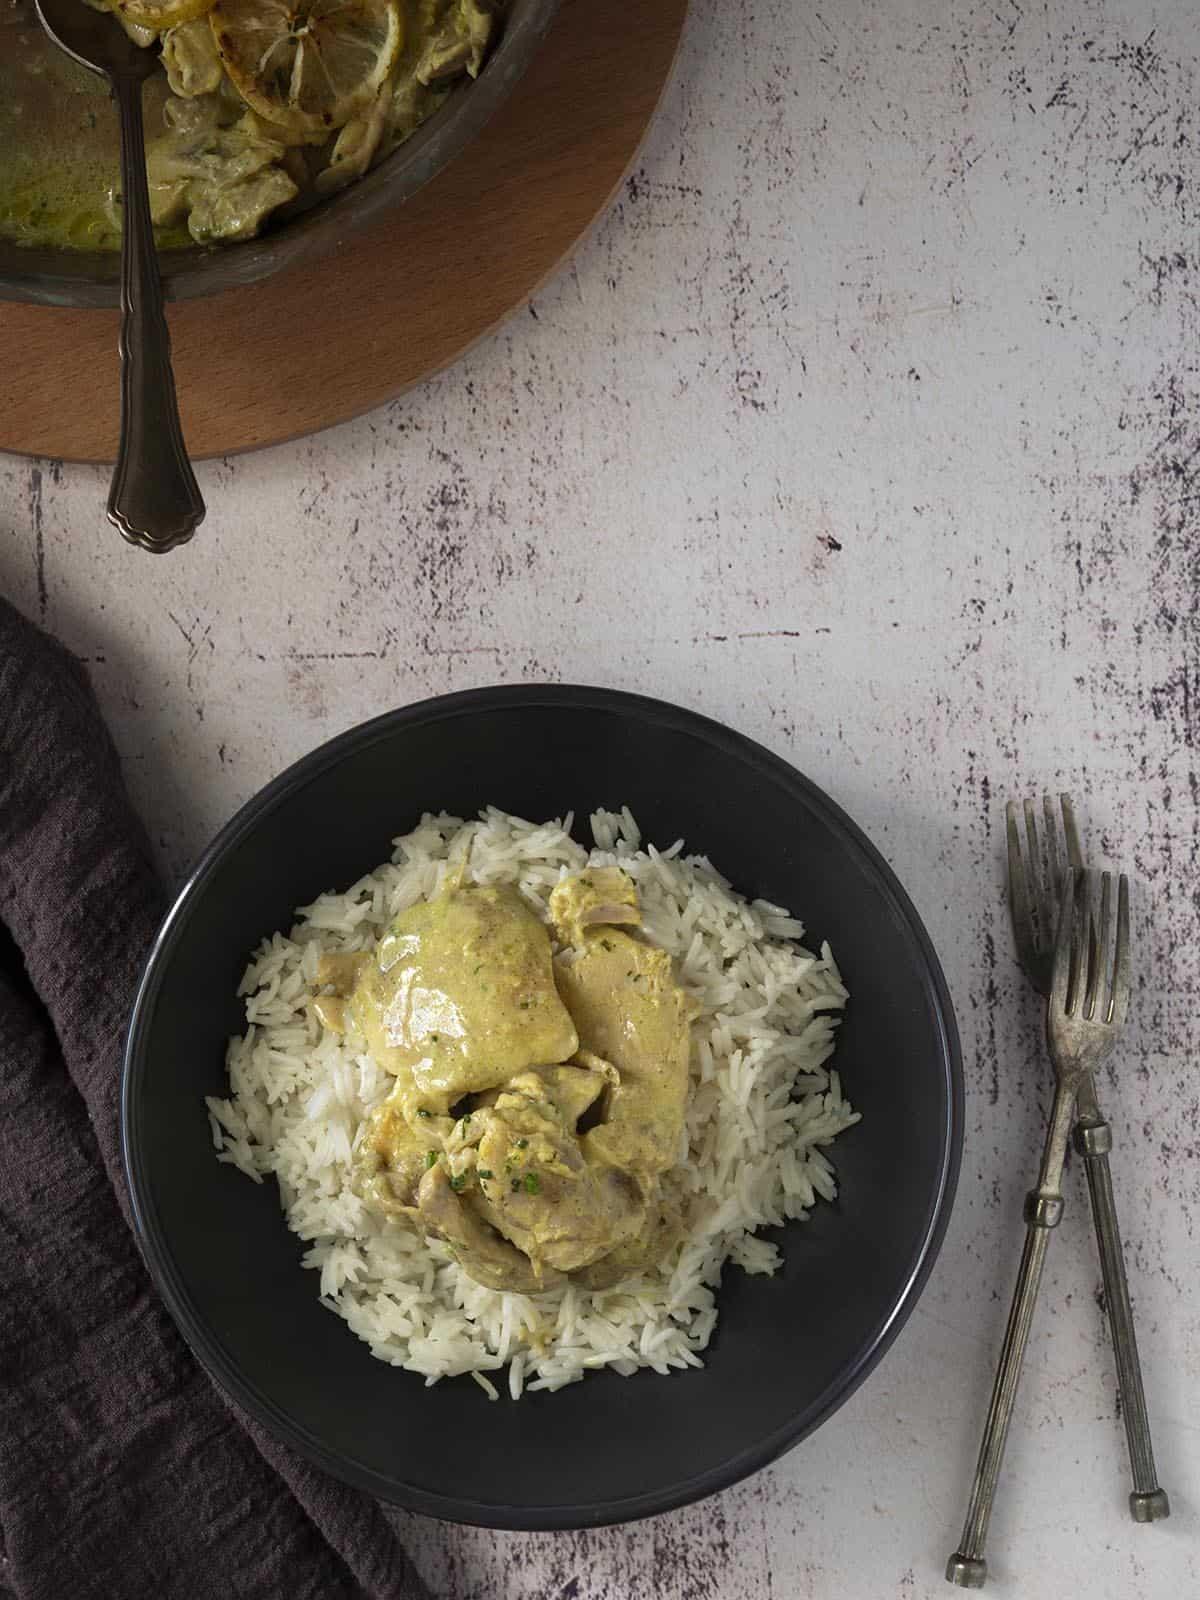 κοτόπουλο με μουστάρδα λεμόνι και σχοινόπρασο